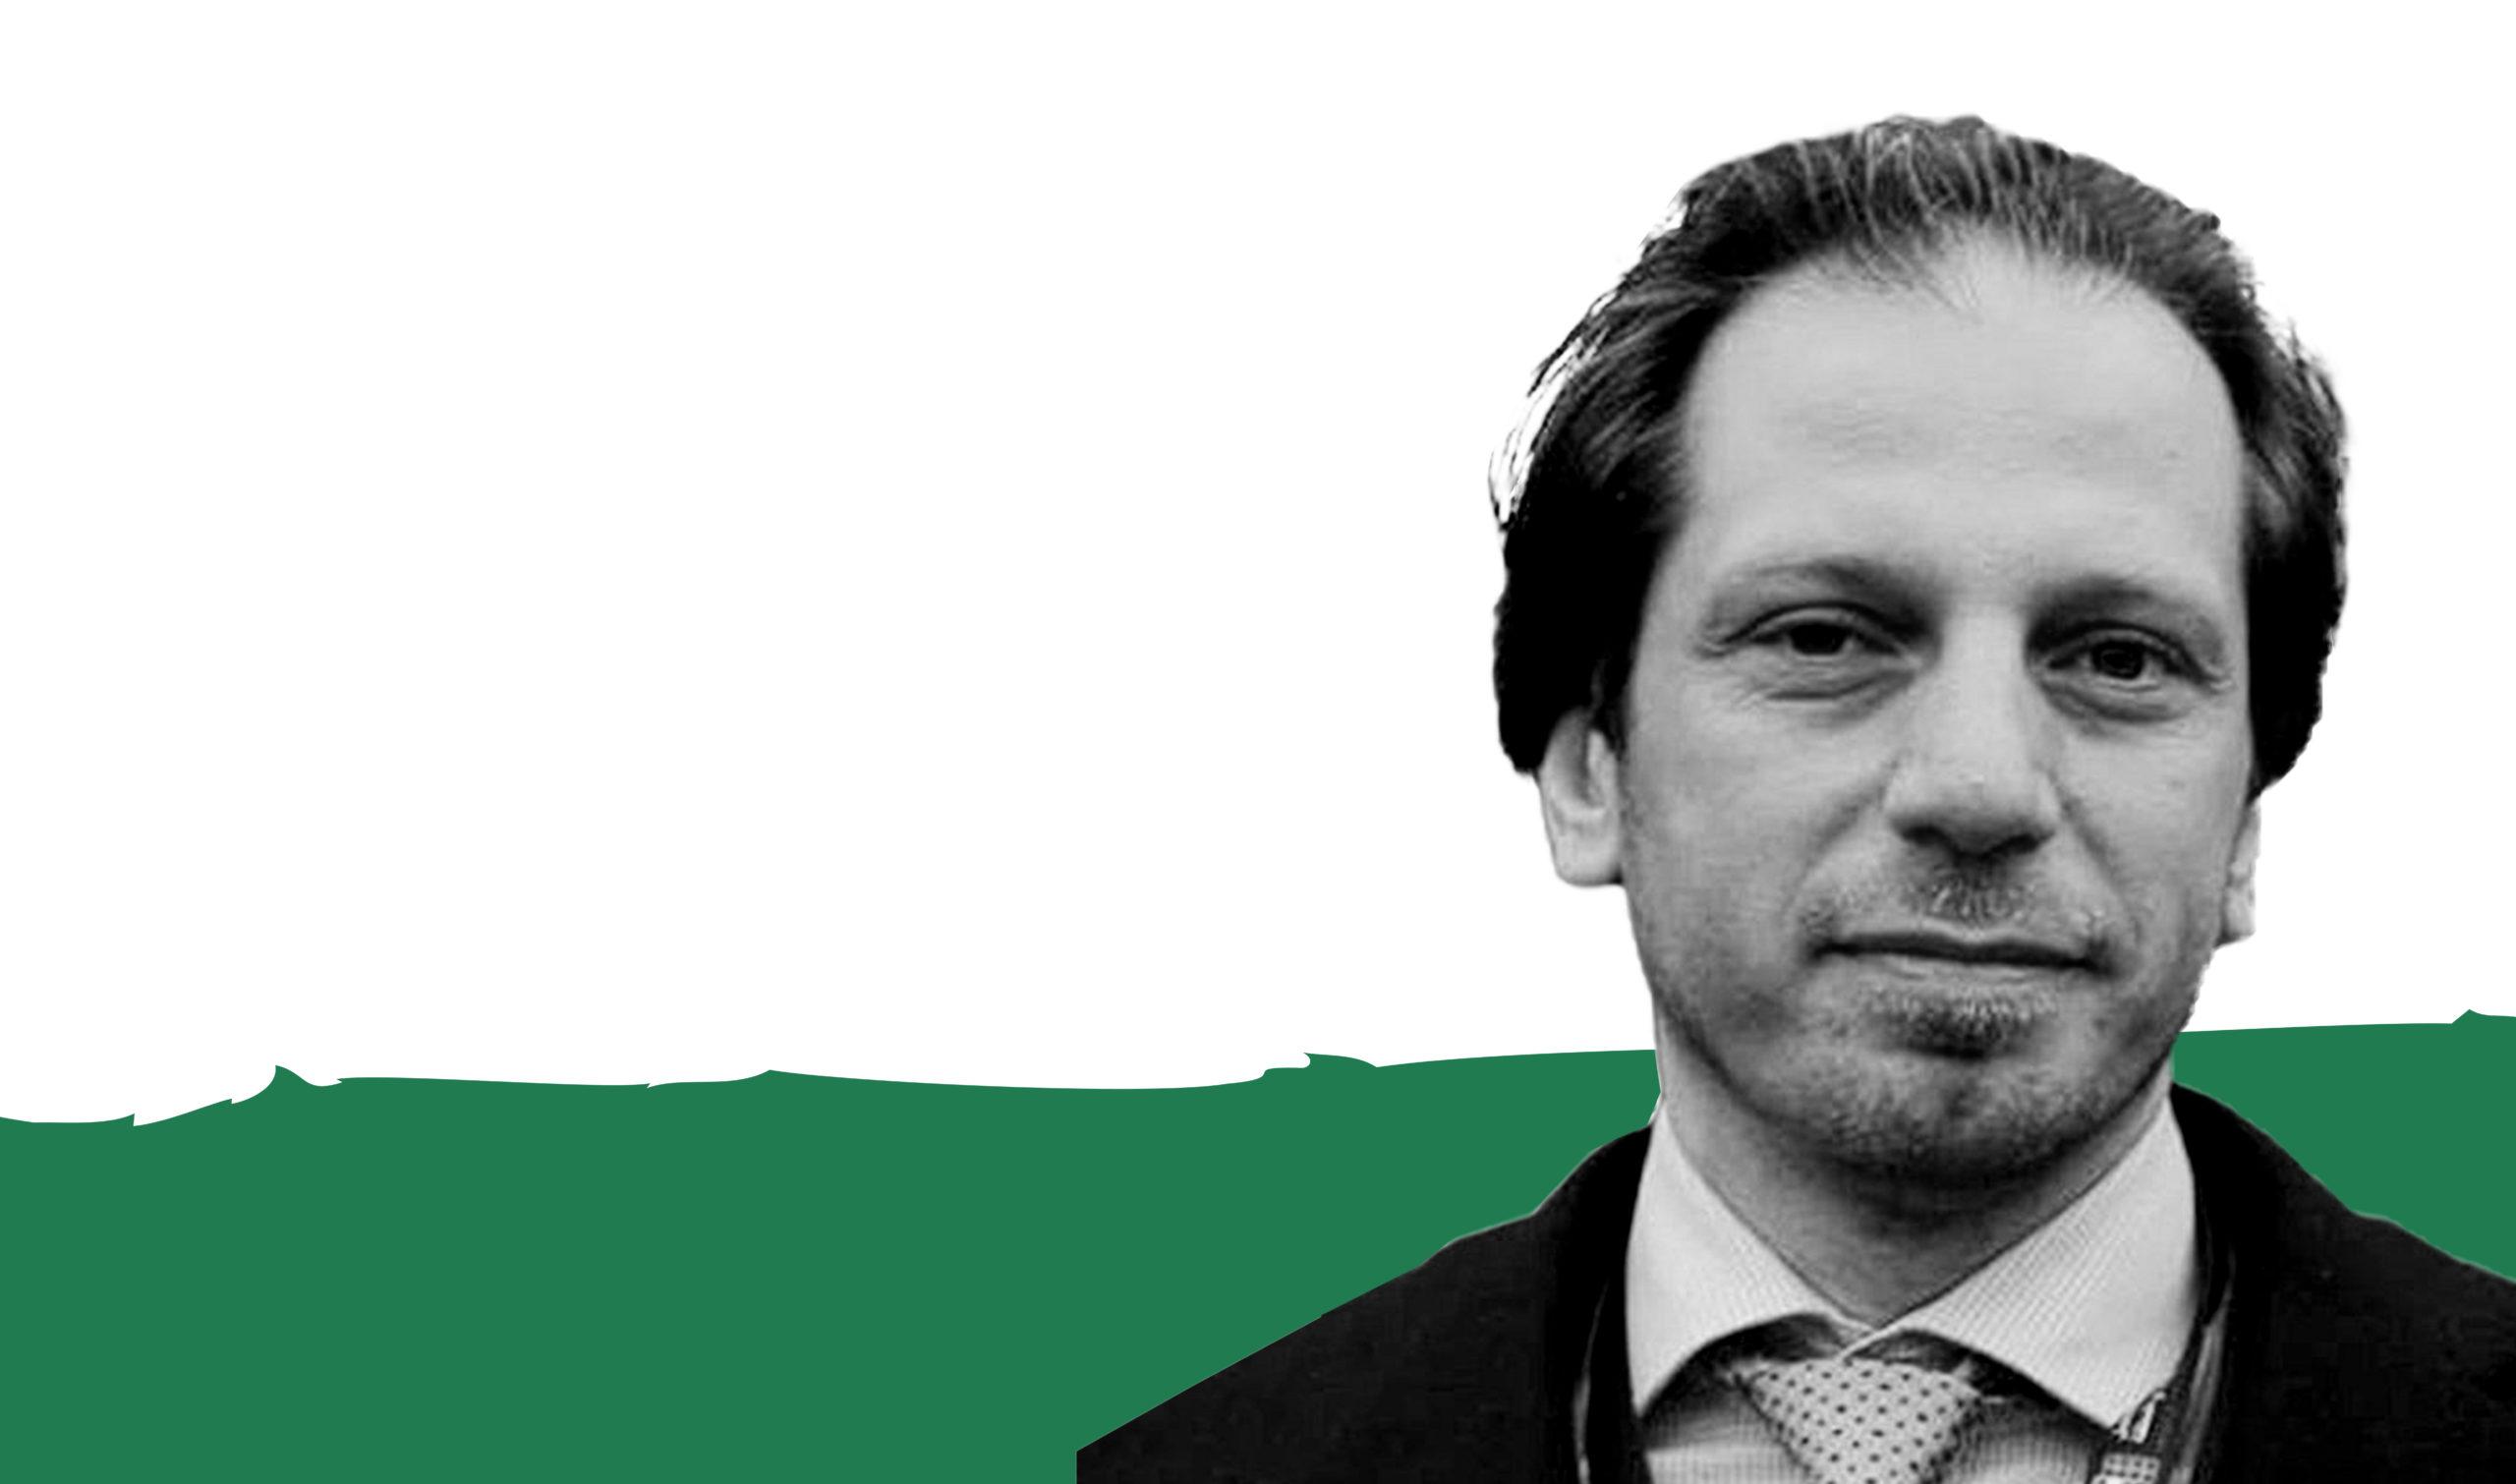 رئيس الشبكة السورية لحقوق الإنسان فضل عبد الغني